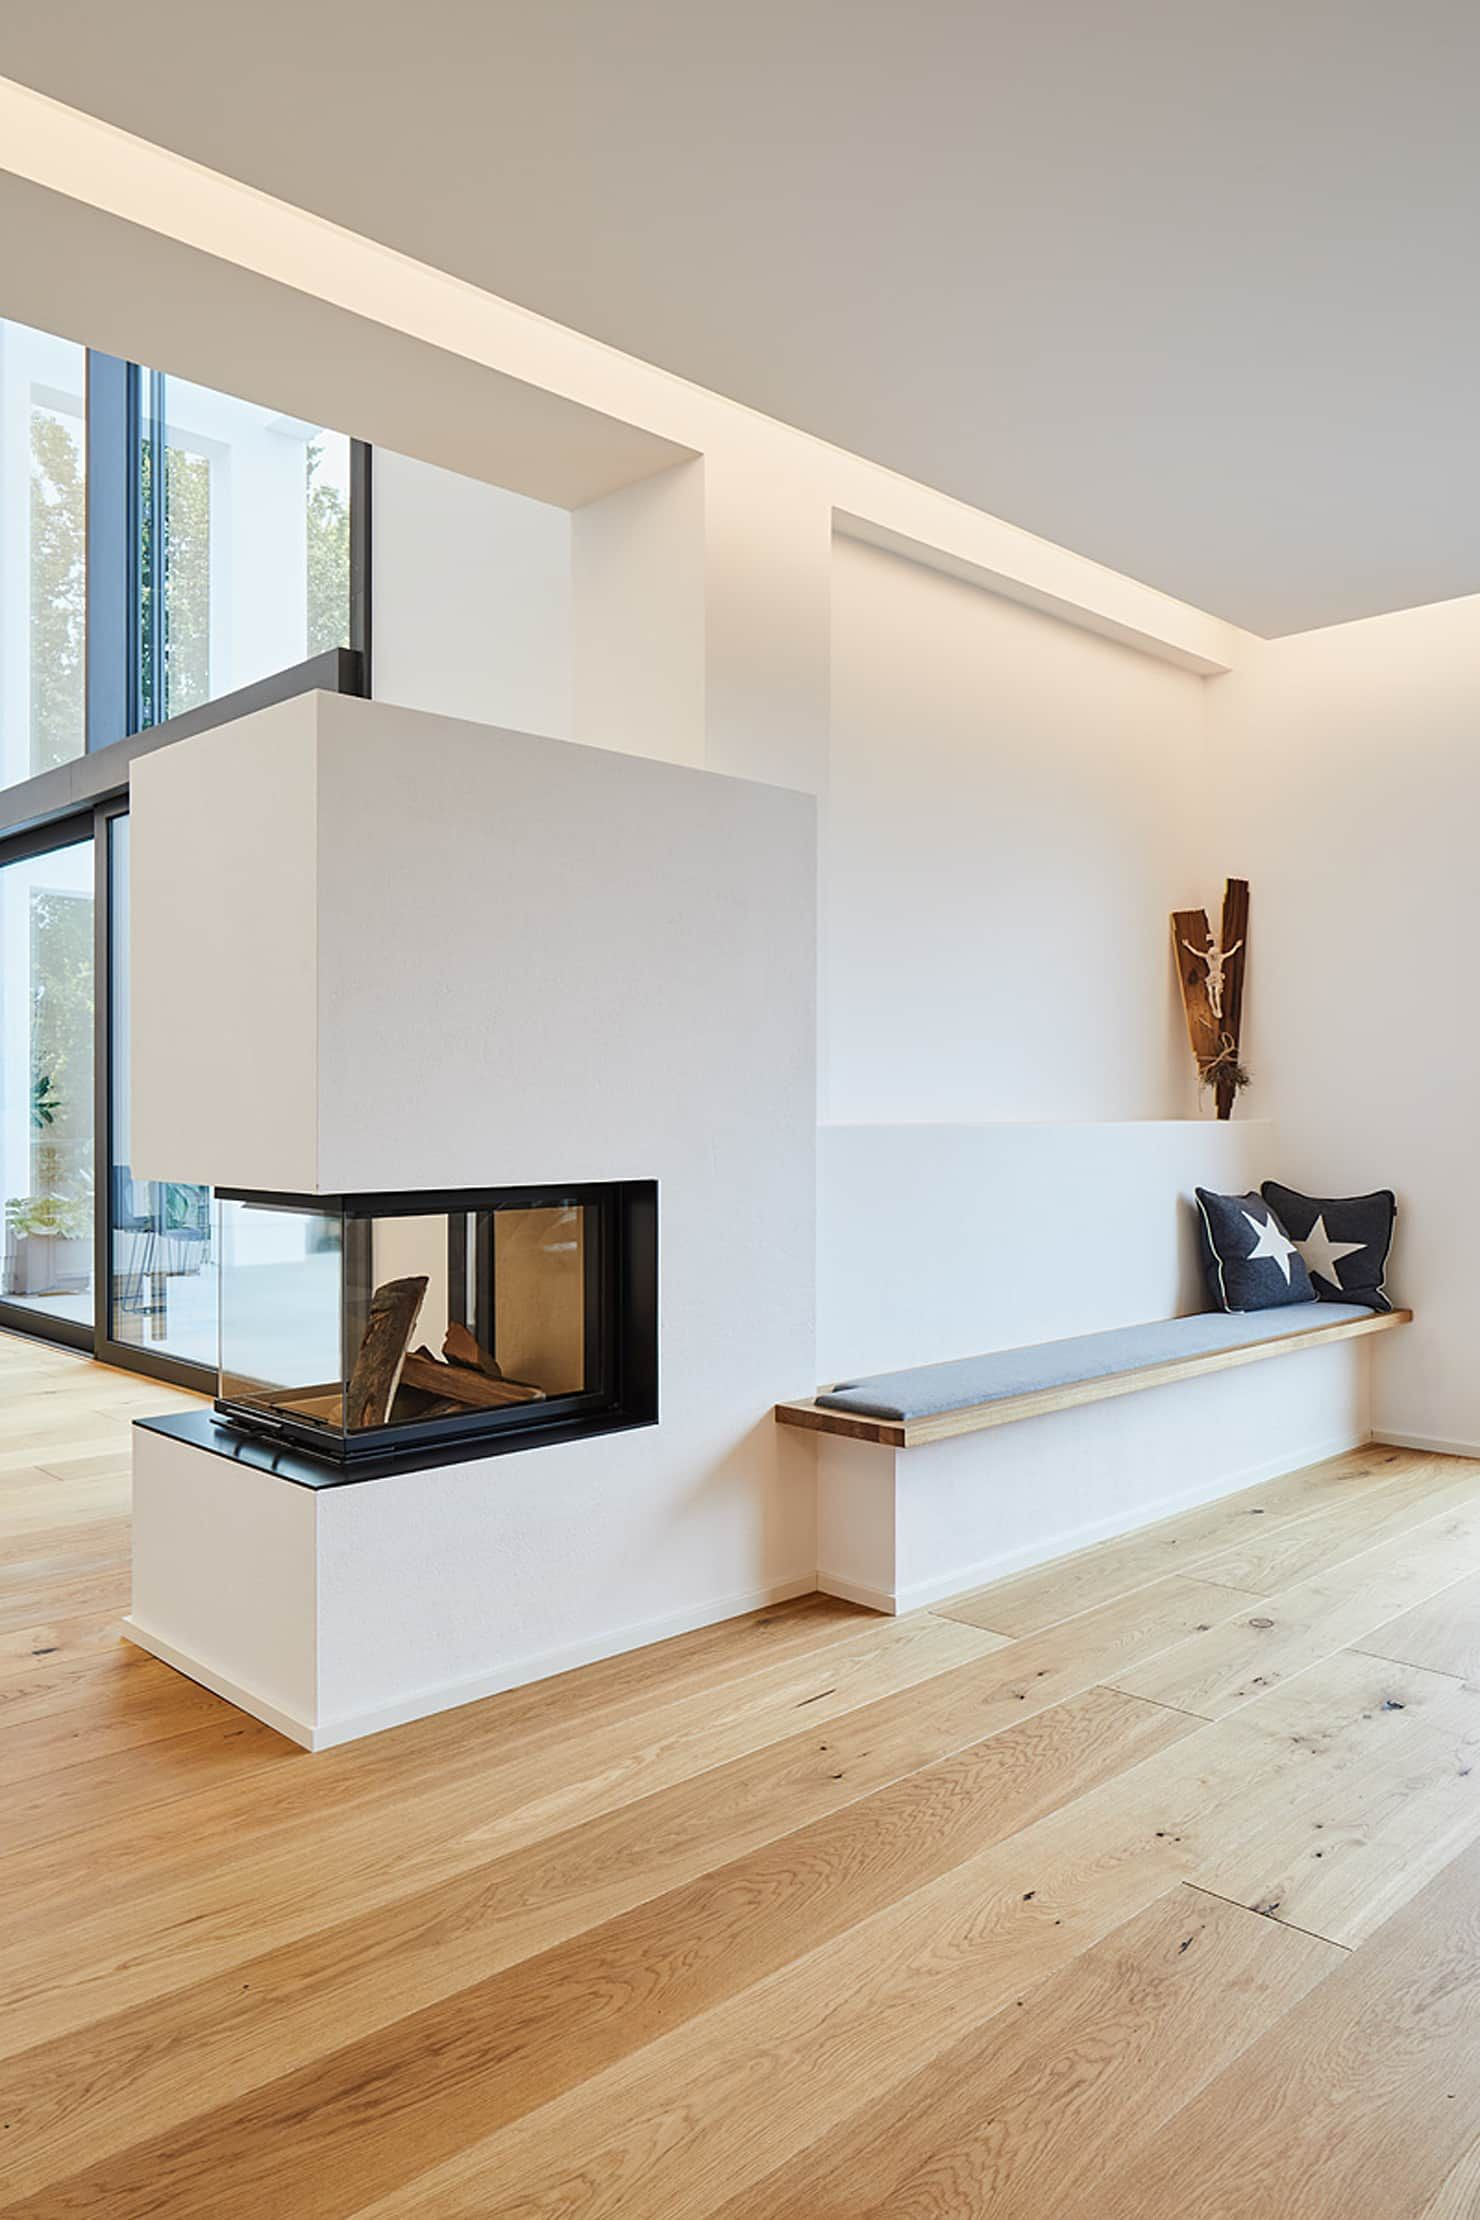 Photo of Efh in bornheim moderne wohnzimmer von philip kistner fotografie modern | homify